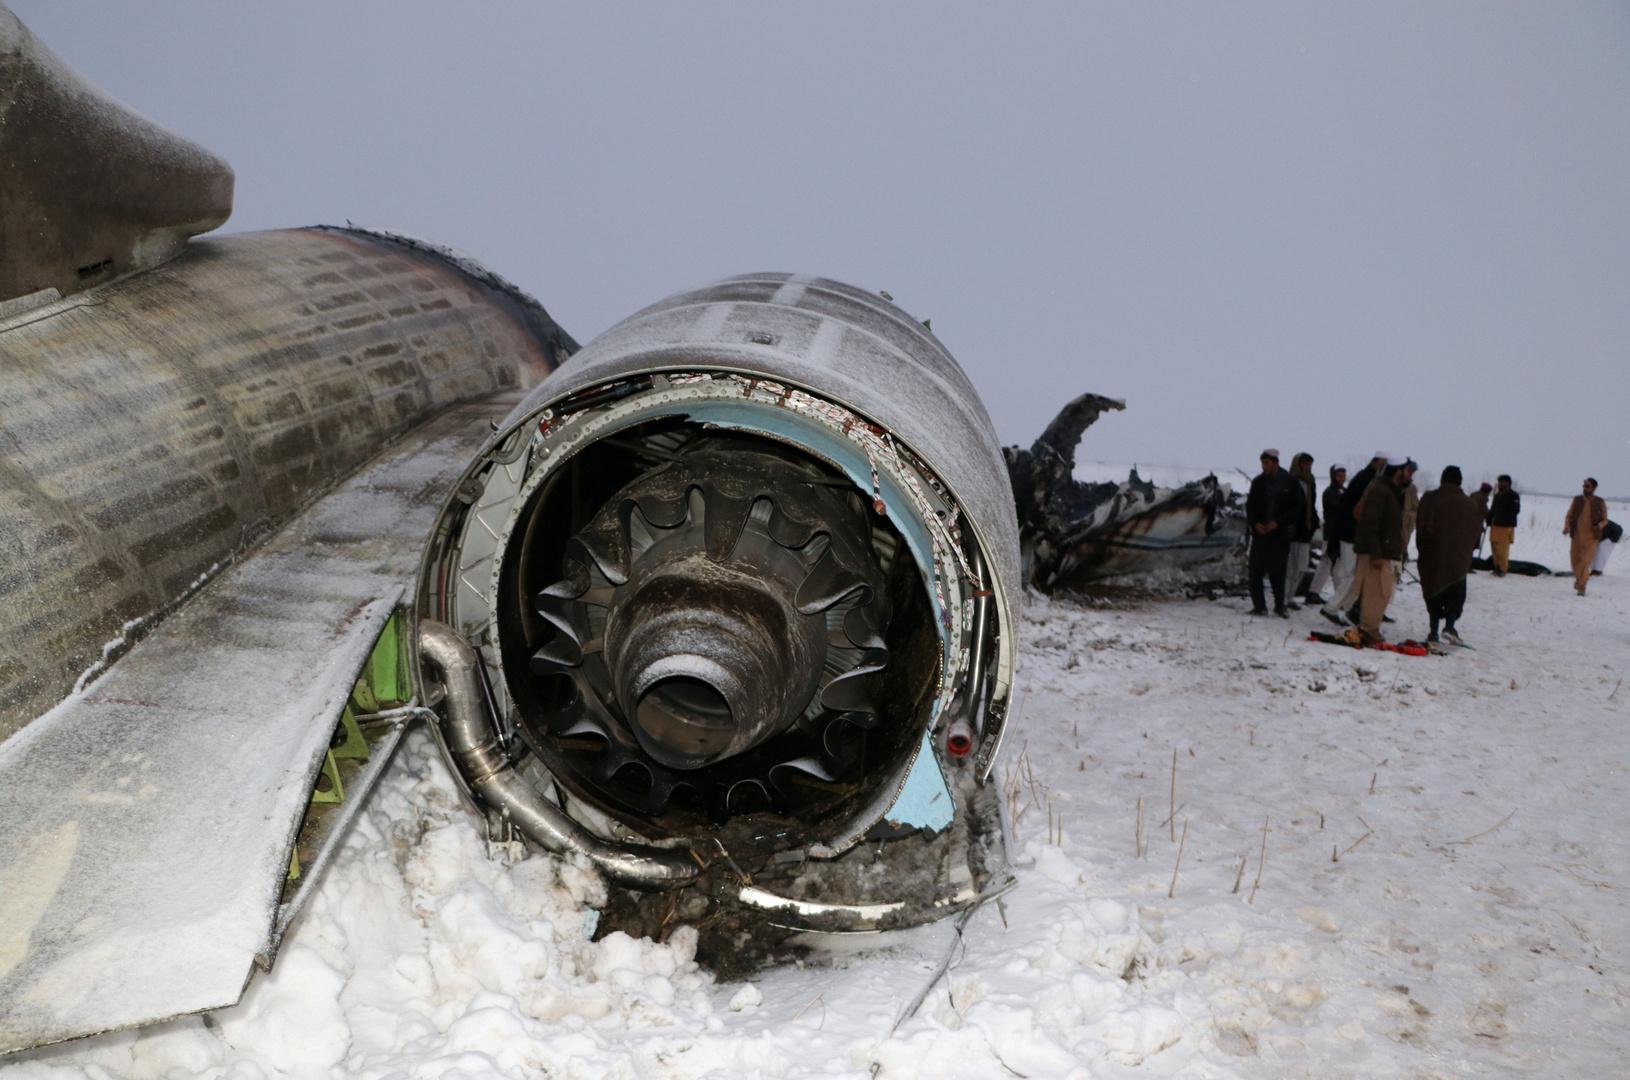 وزارة الطيران الأفغانية: عطل فني وراء تحطم الطائرة الأمريكية في ولاية غزني